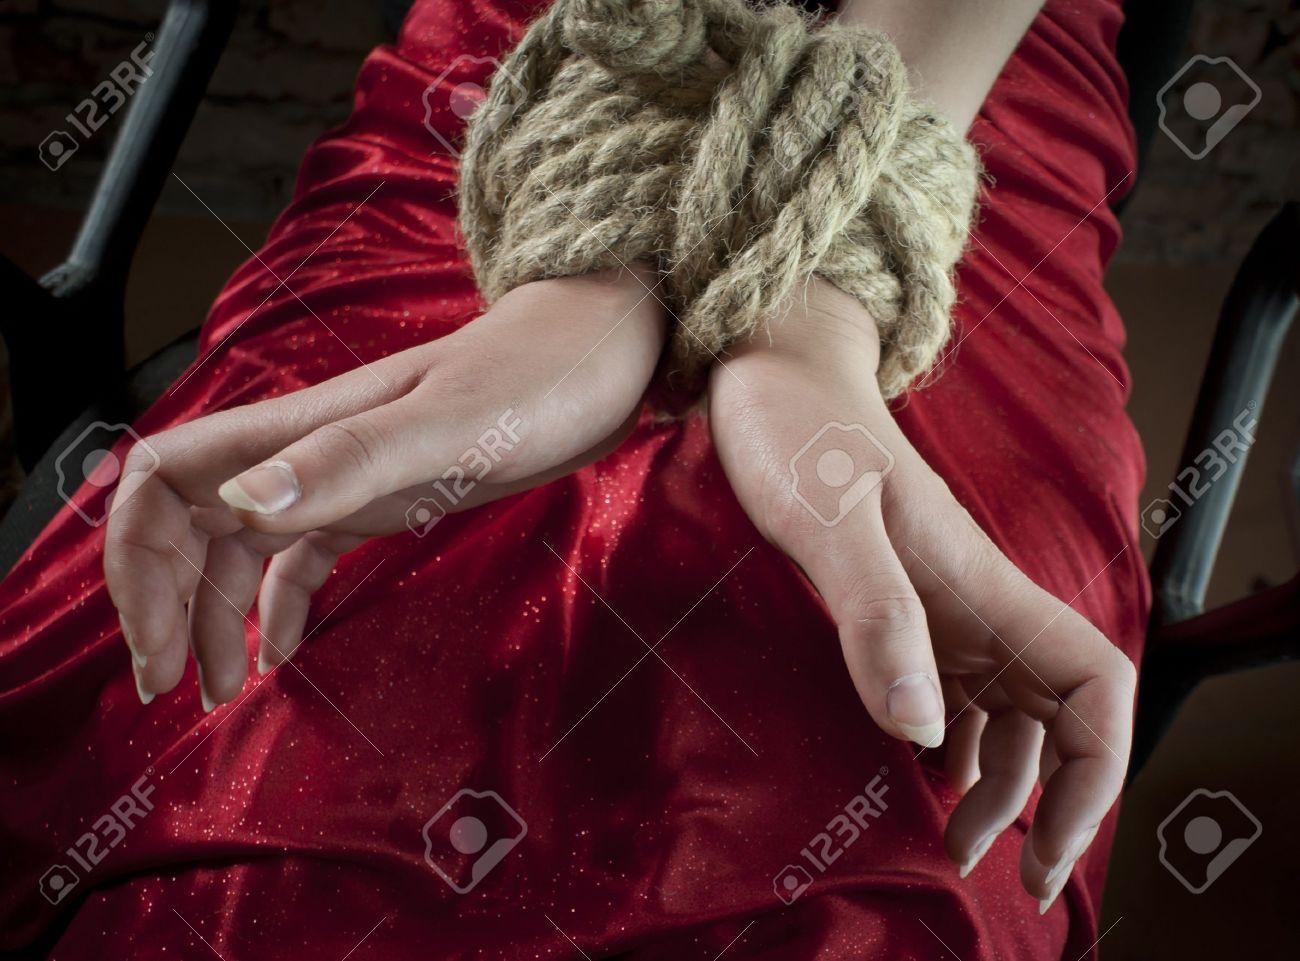 Фото женщин связанных верёвками 25 фотография